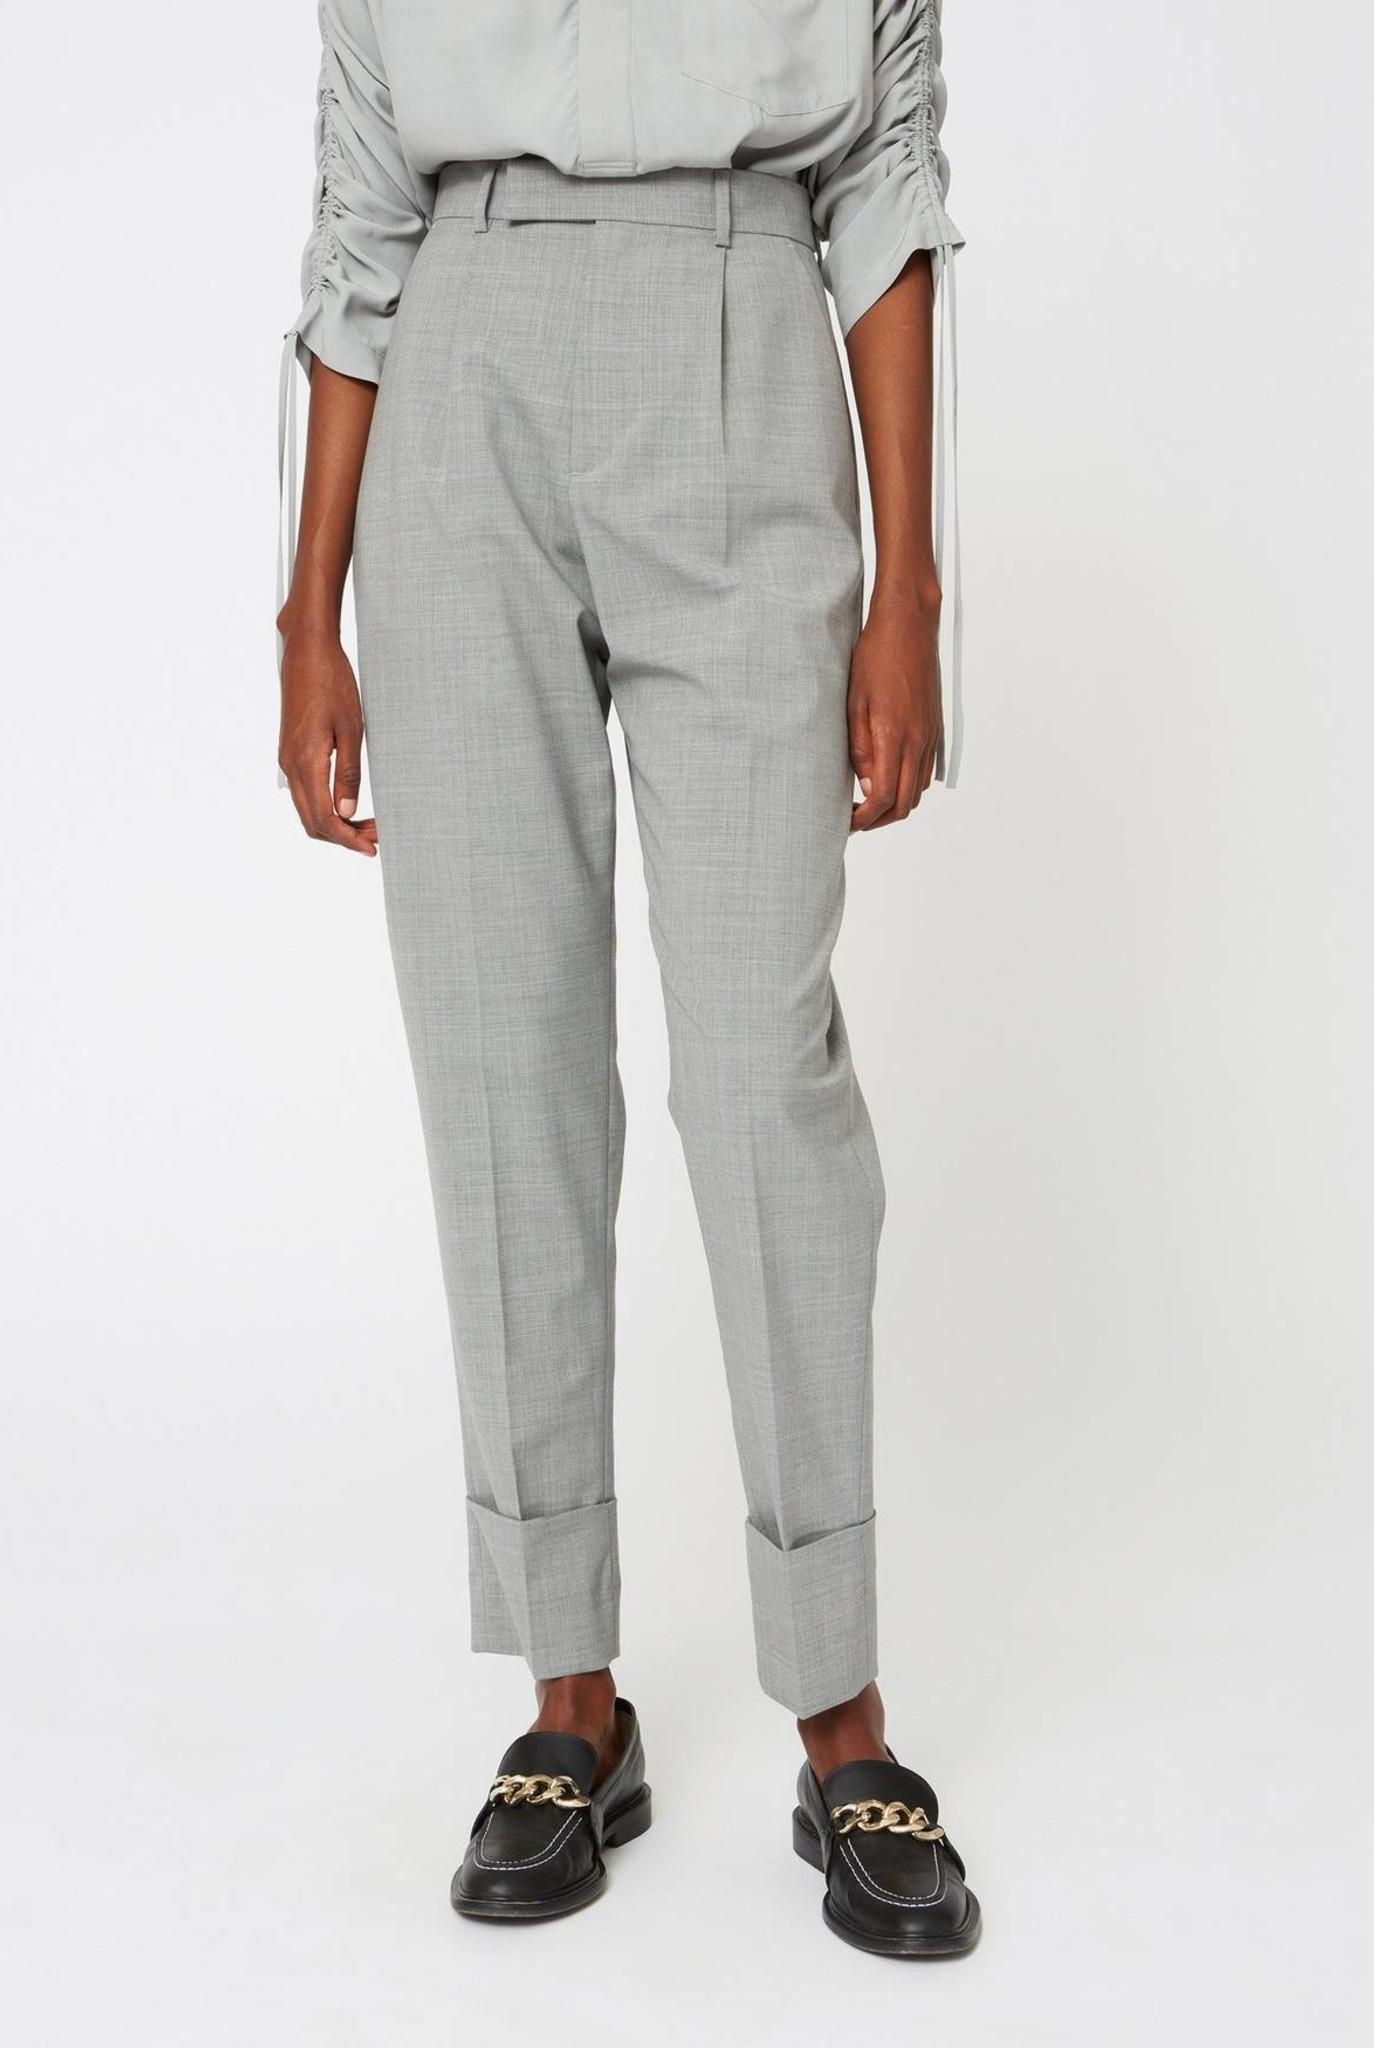 Alto trouser grey melee suit